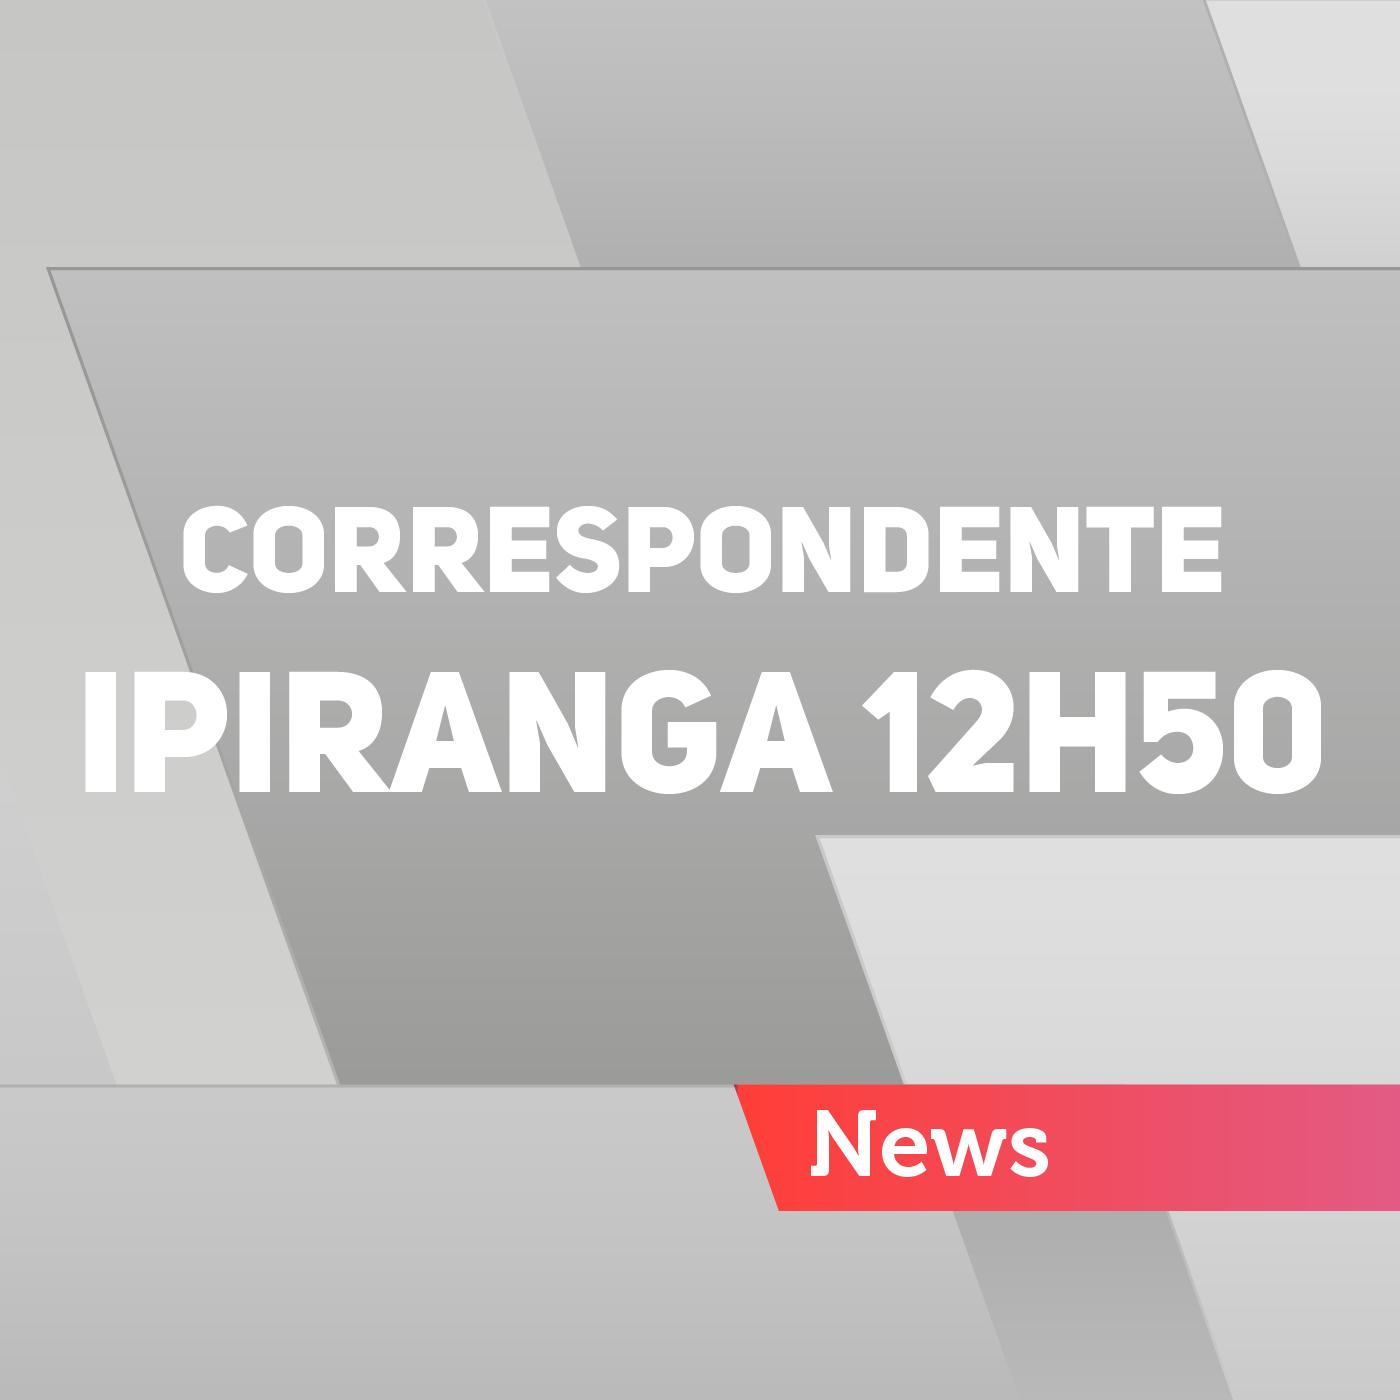 Correspondente Ipiranga 12h50 – 07/12/2016